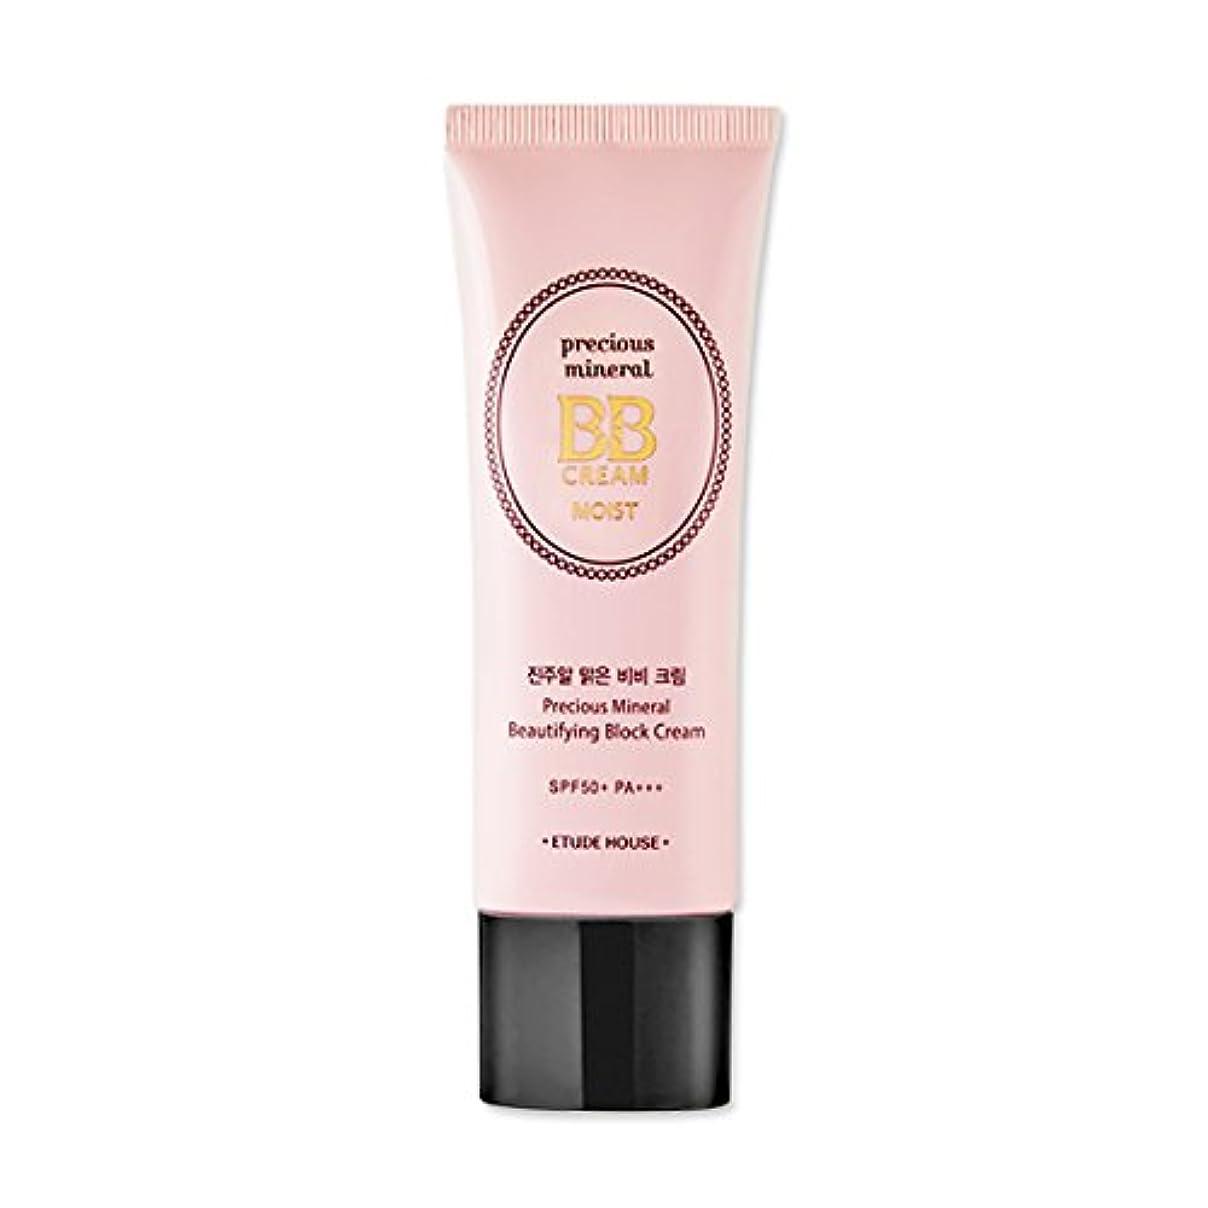 忘れっぽい晴れ市の花[New] ETUDE HOUSE Precious Mineral BB Cream * Moist * 45g/エチュードハウス プレシャス ミネラル BBクリーム * モイスト * 45g (#Beige) [並行輸入品]